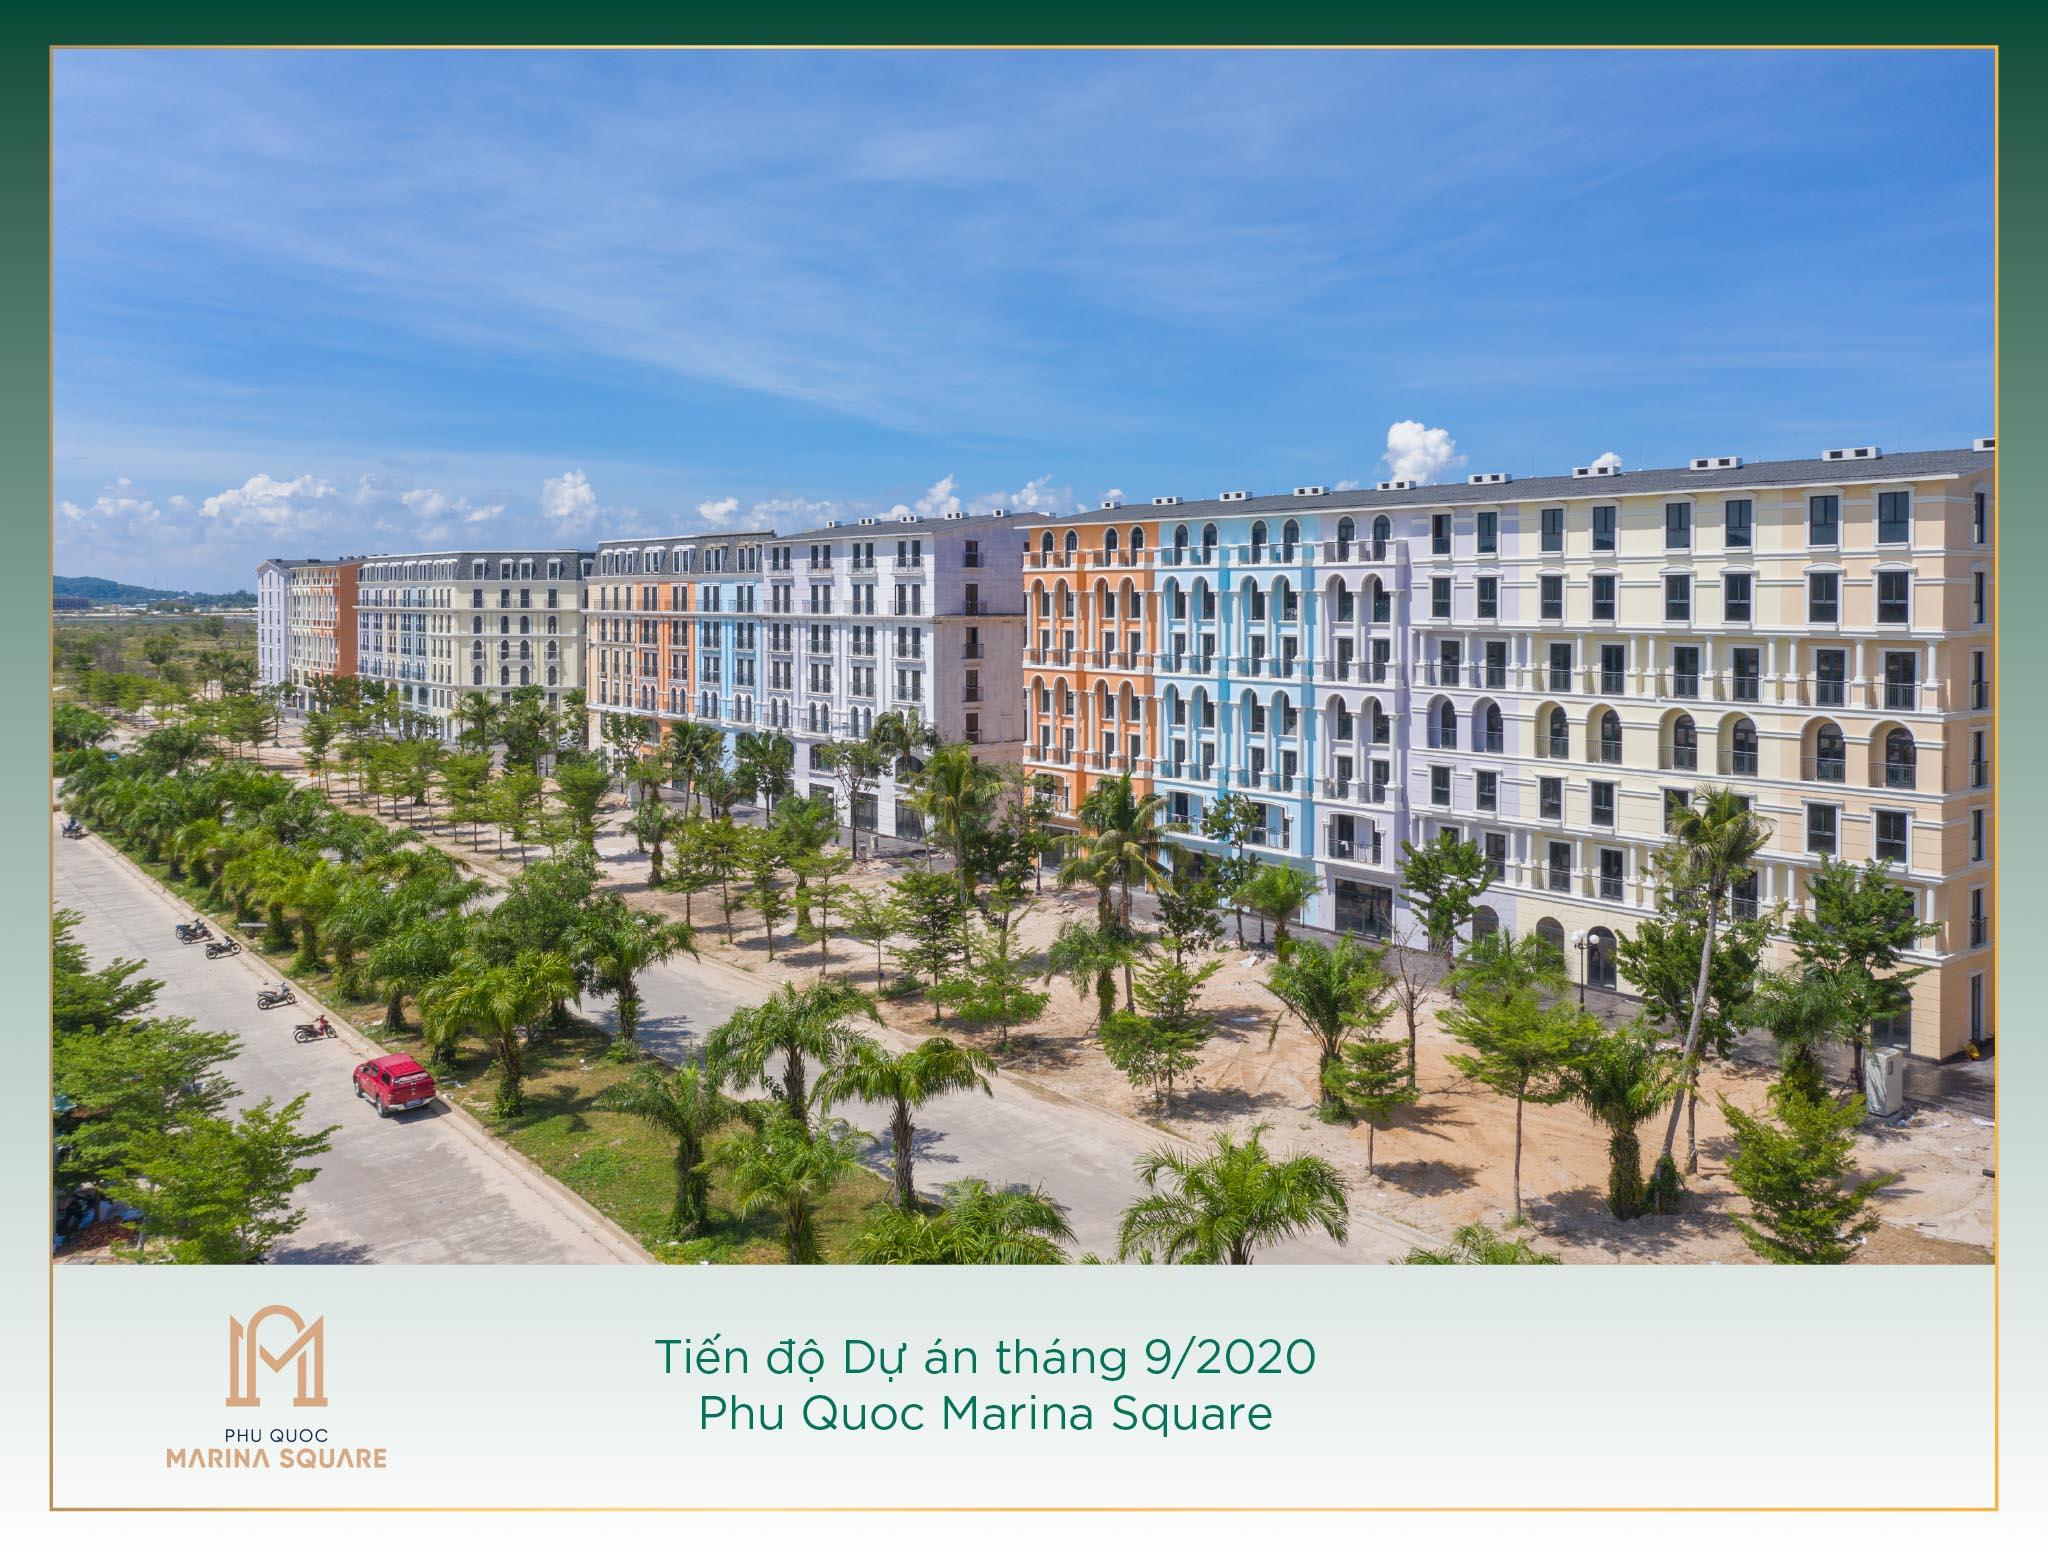 2020-09-08 tien do Phu Quoc Marina Square8_